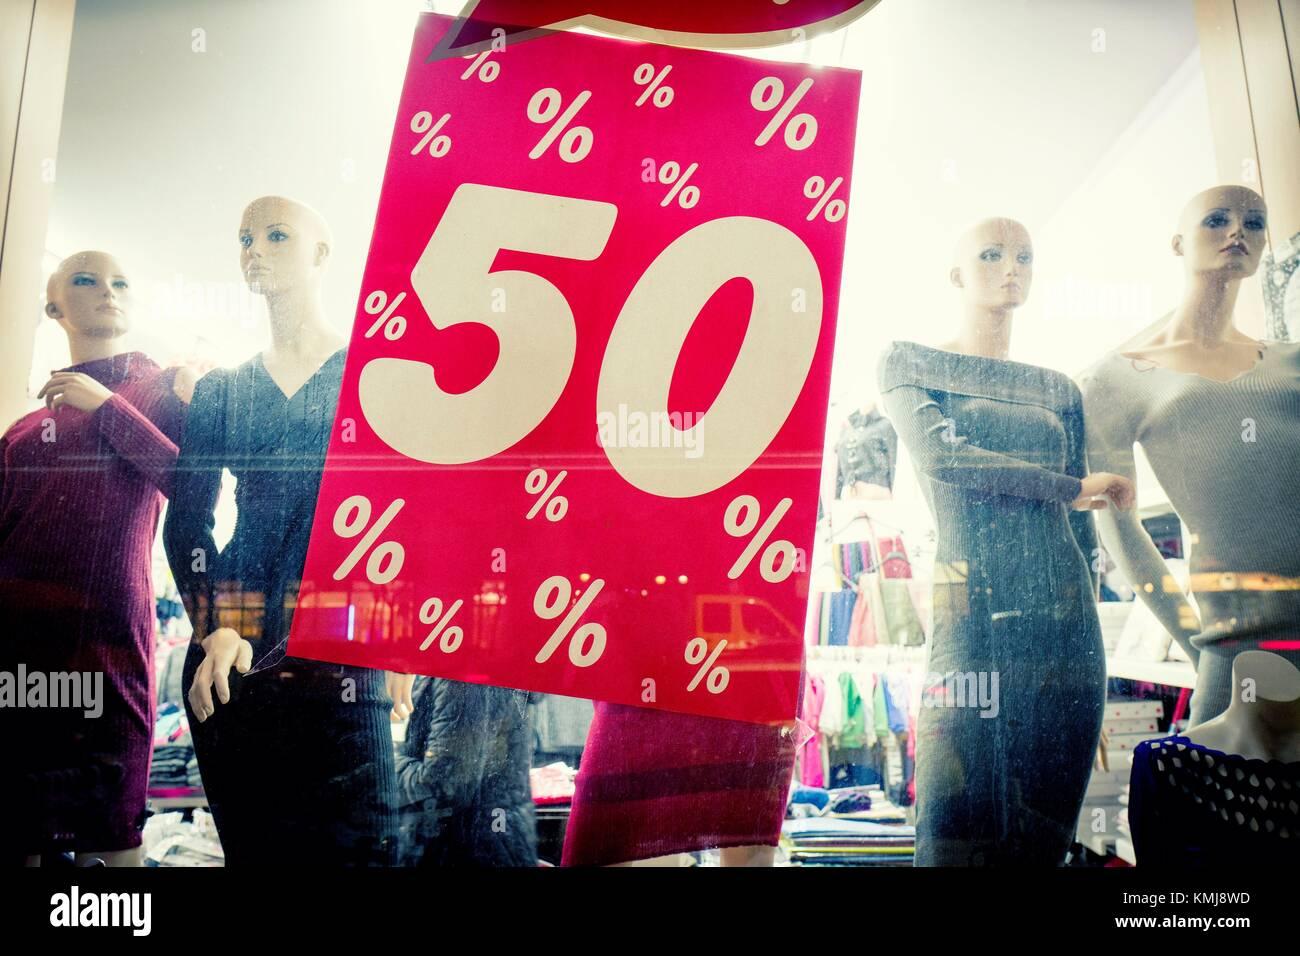 Plano de imprimación de un escaparate de una tienda de moda con maniquís femeninos y un cartel grande Imagen De Stock